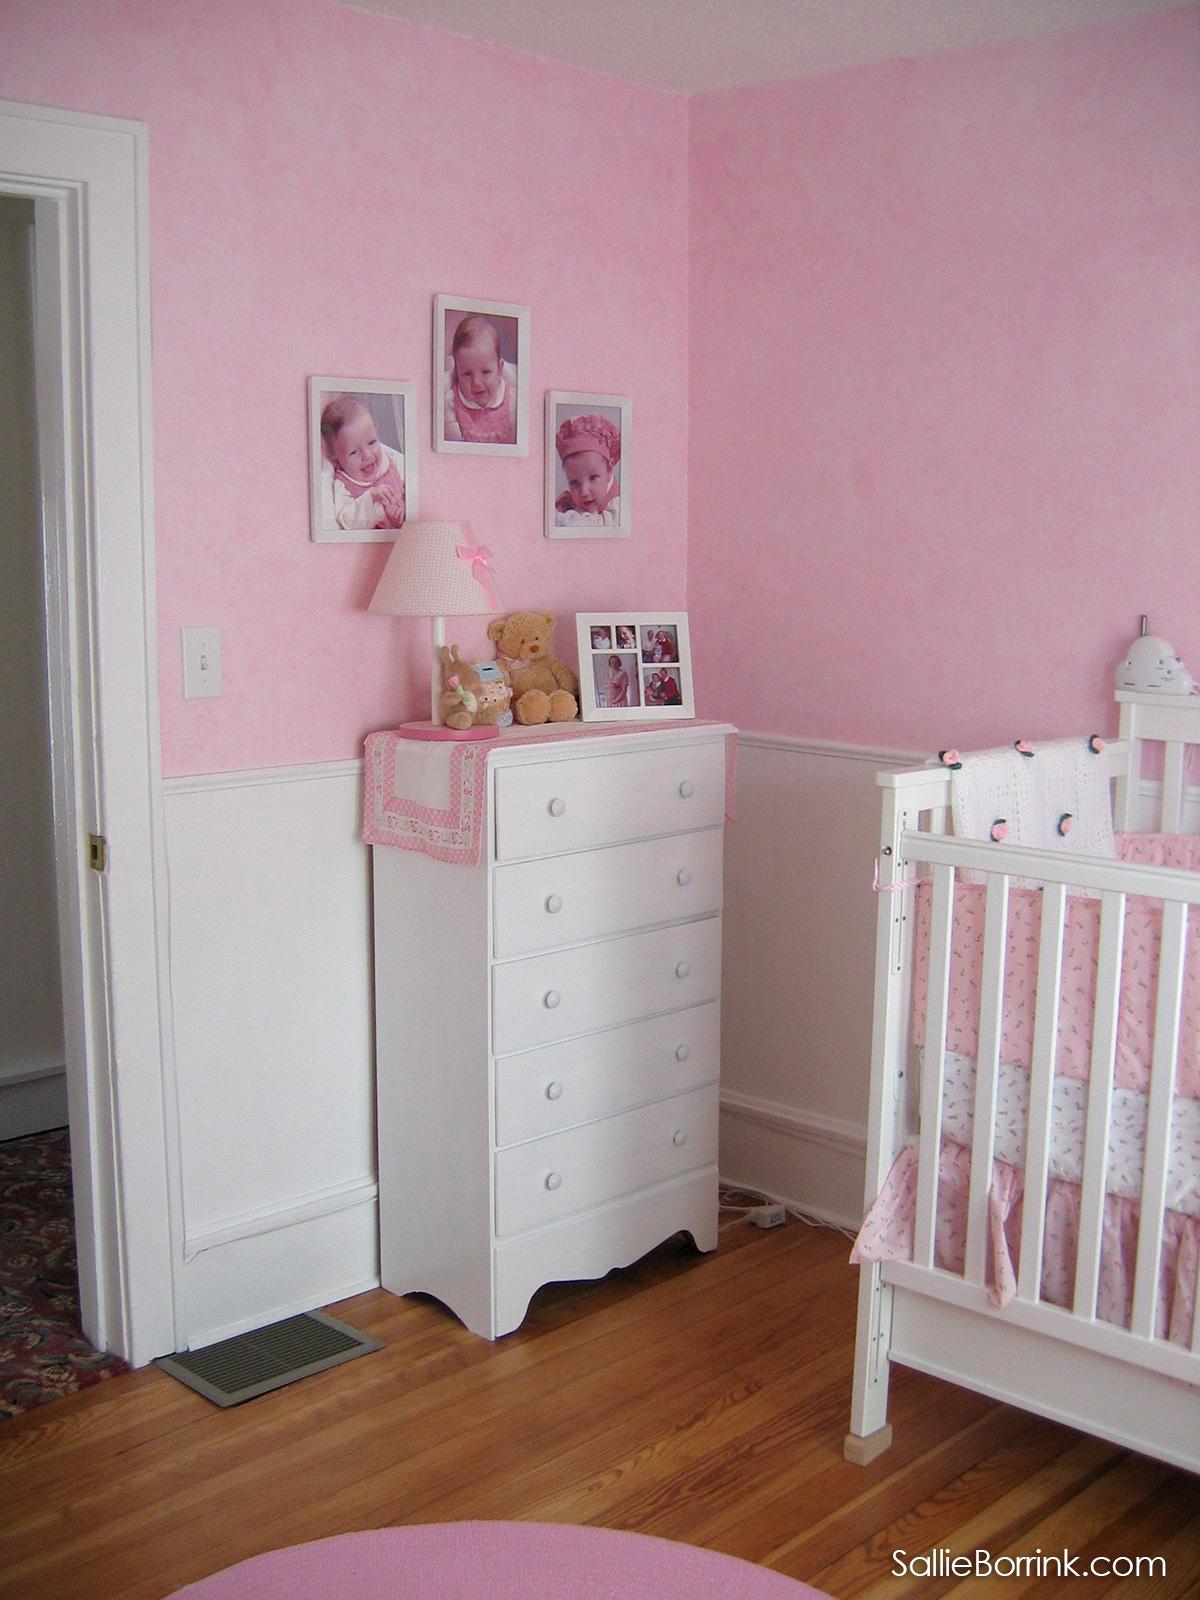 White dresser in pink baby nursery